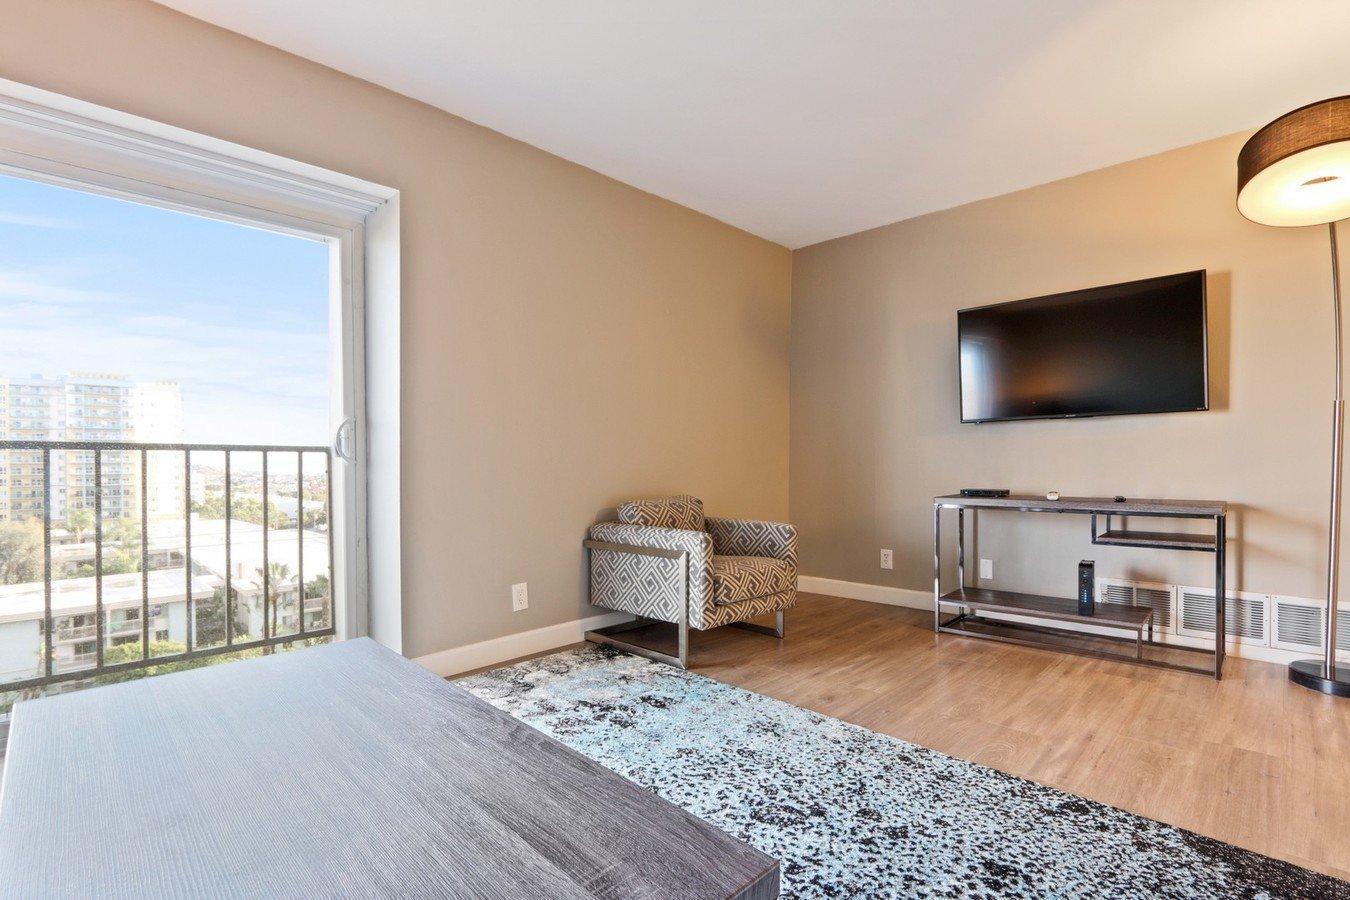 1 Bedroom 1 Bathroom Apartment for rent at Marina Tower in Marina Del Rey, CA